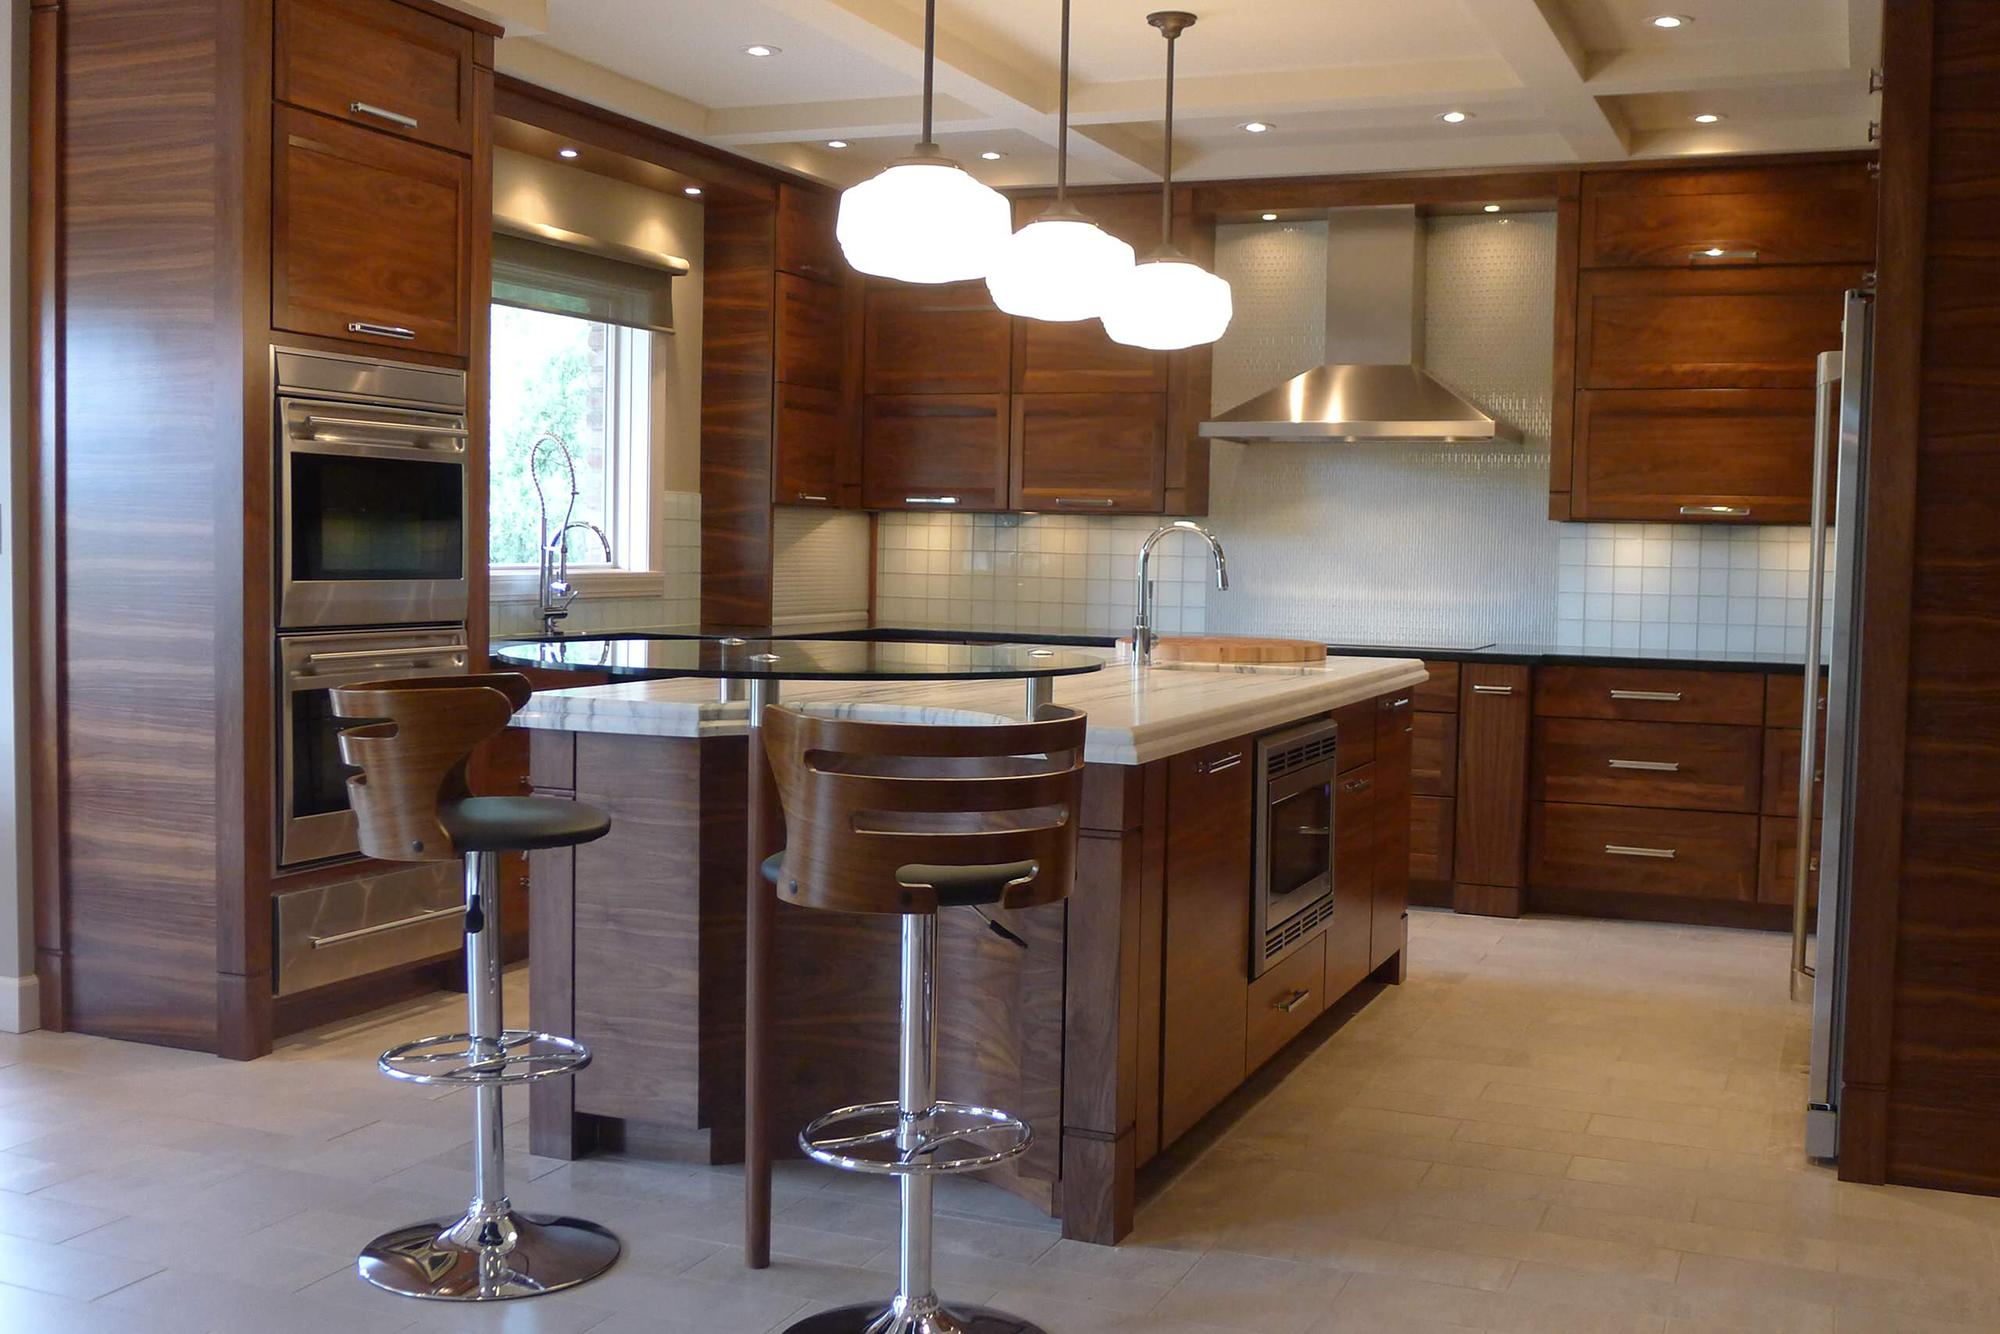 Деревянный кухонный гарнитур с островом в частном доме